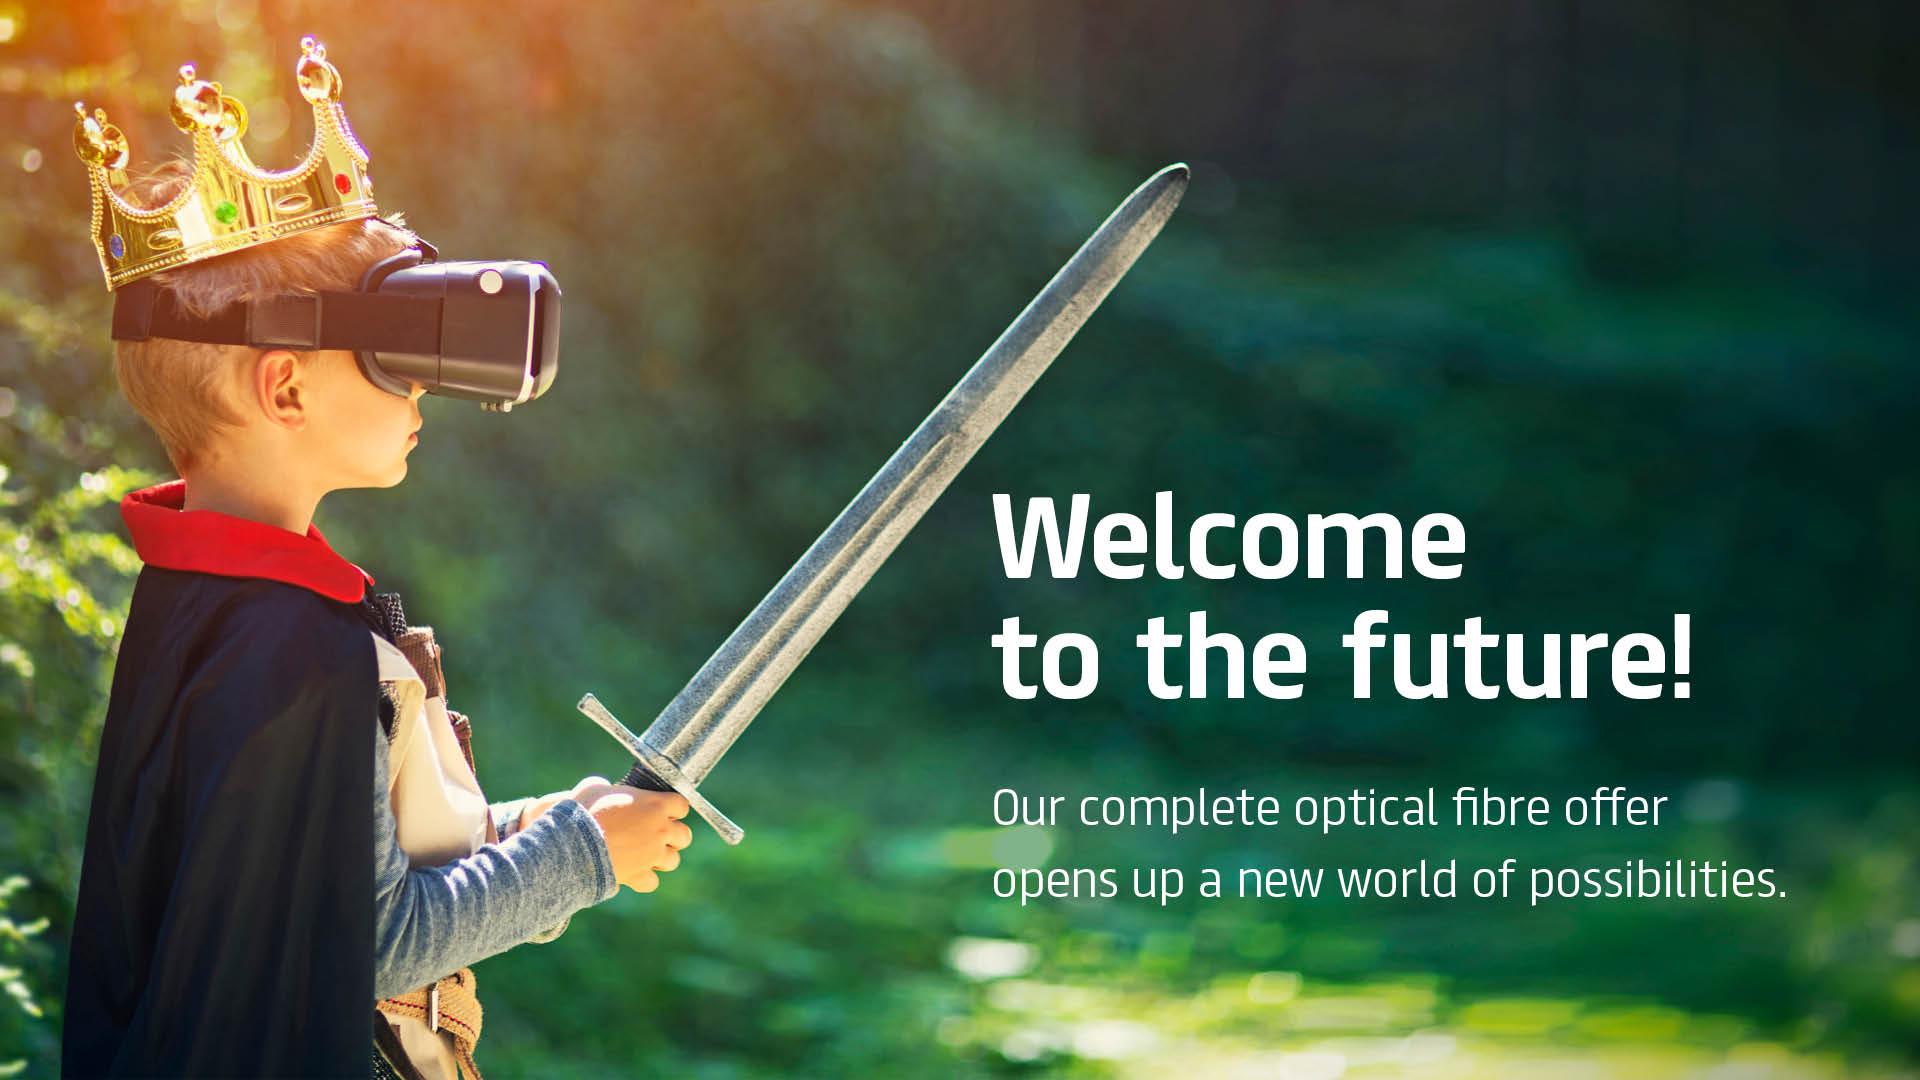 Optical fibre products